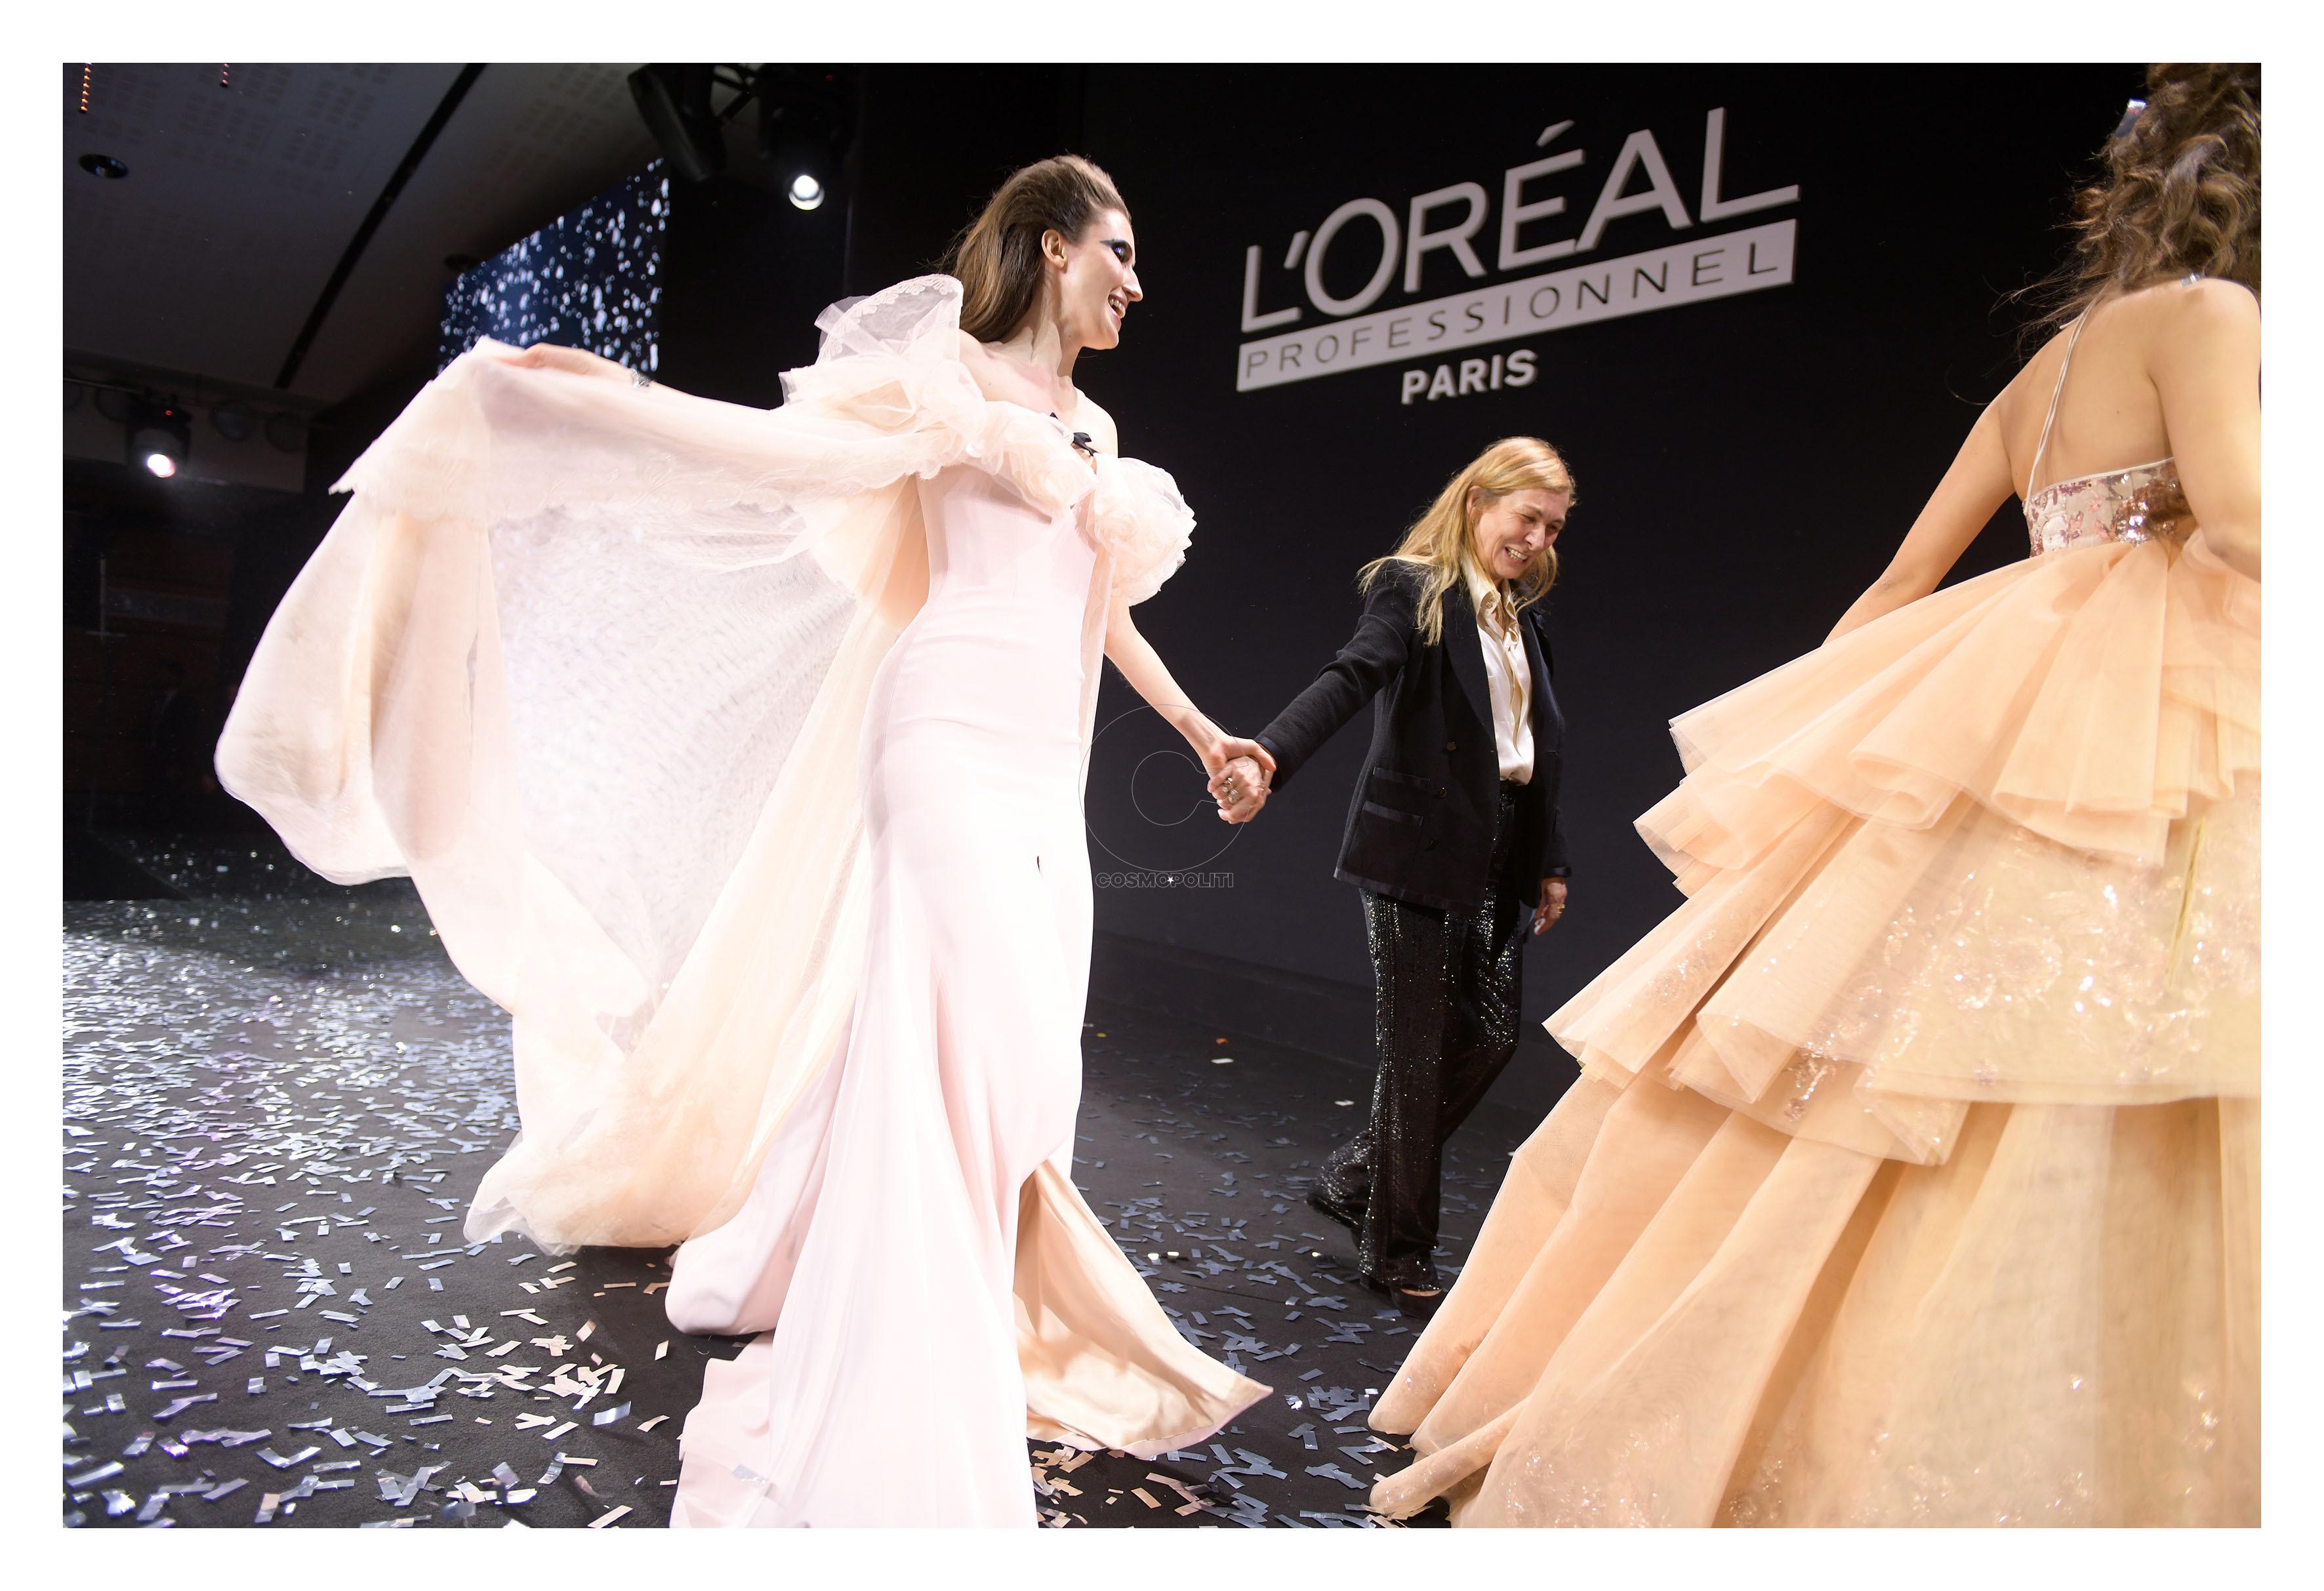 STF_8293_Défilé L'Oréal Professionnel